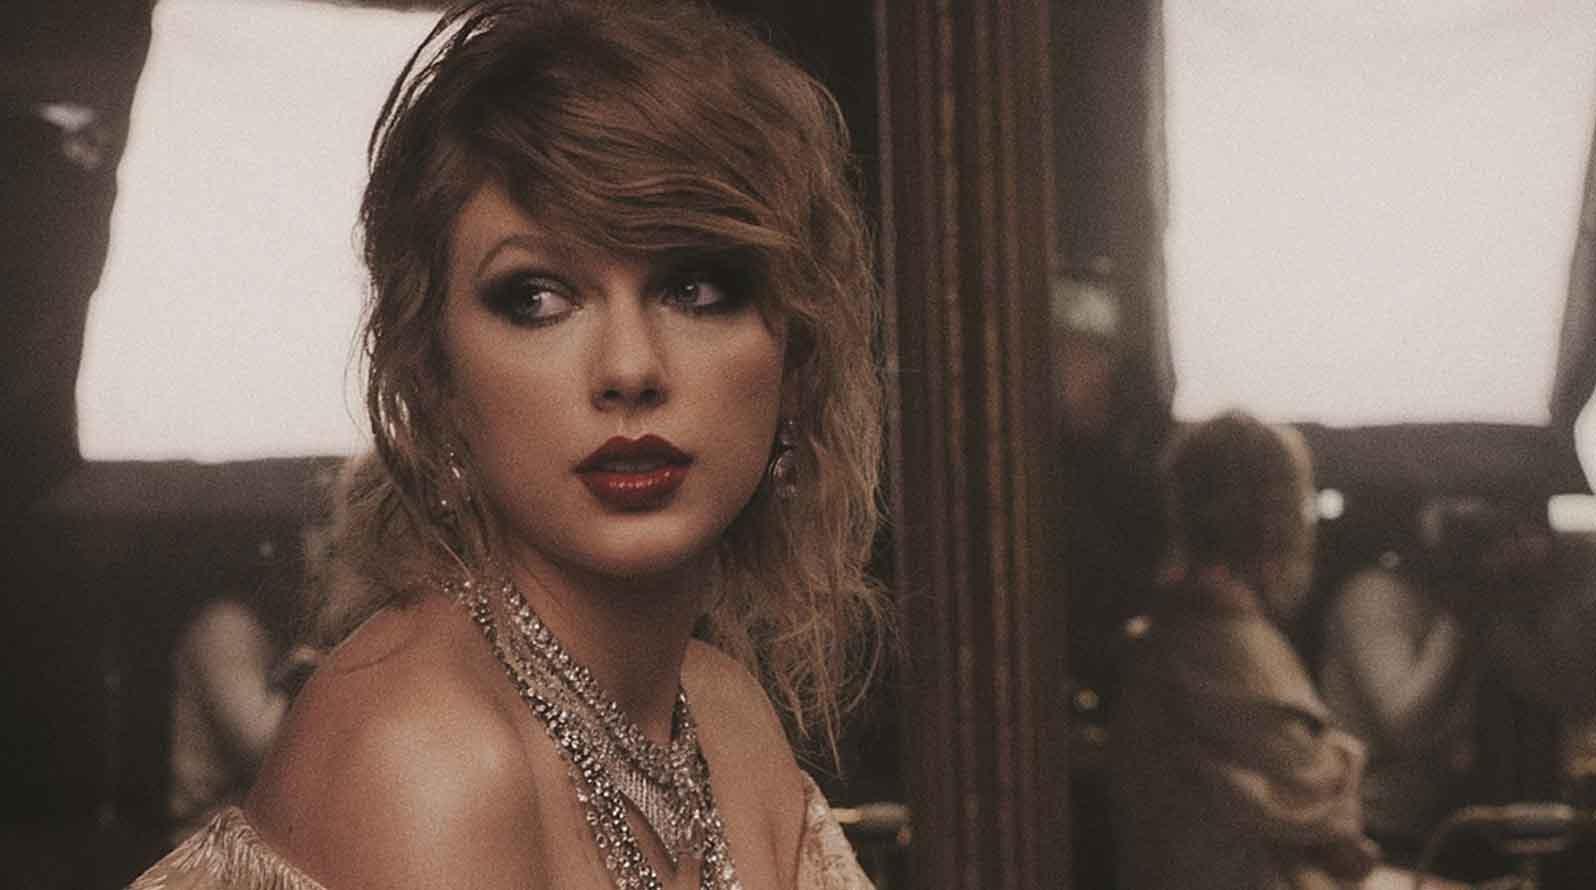 泰狂!泰勒絲創下連續4張專輯首週破百萬銷售 2017全美唯一實體專輯破百萬銷售只有她